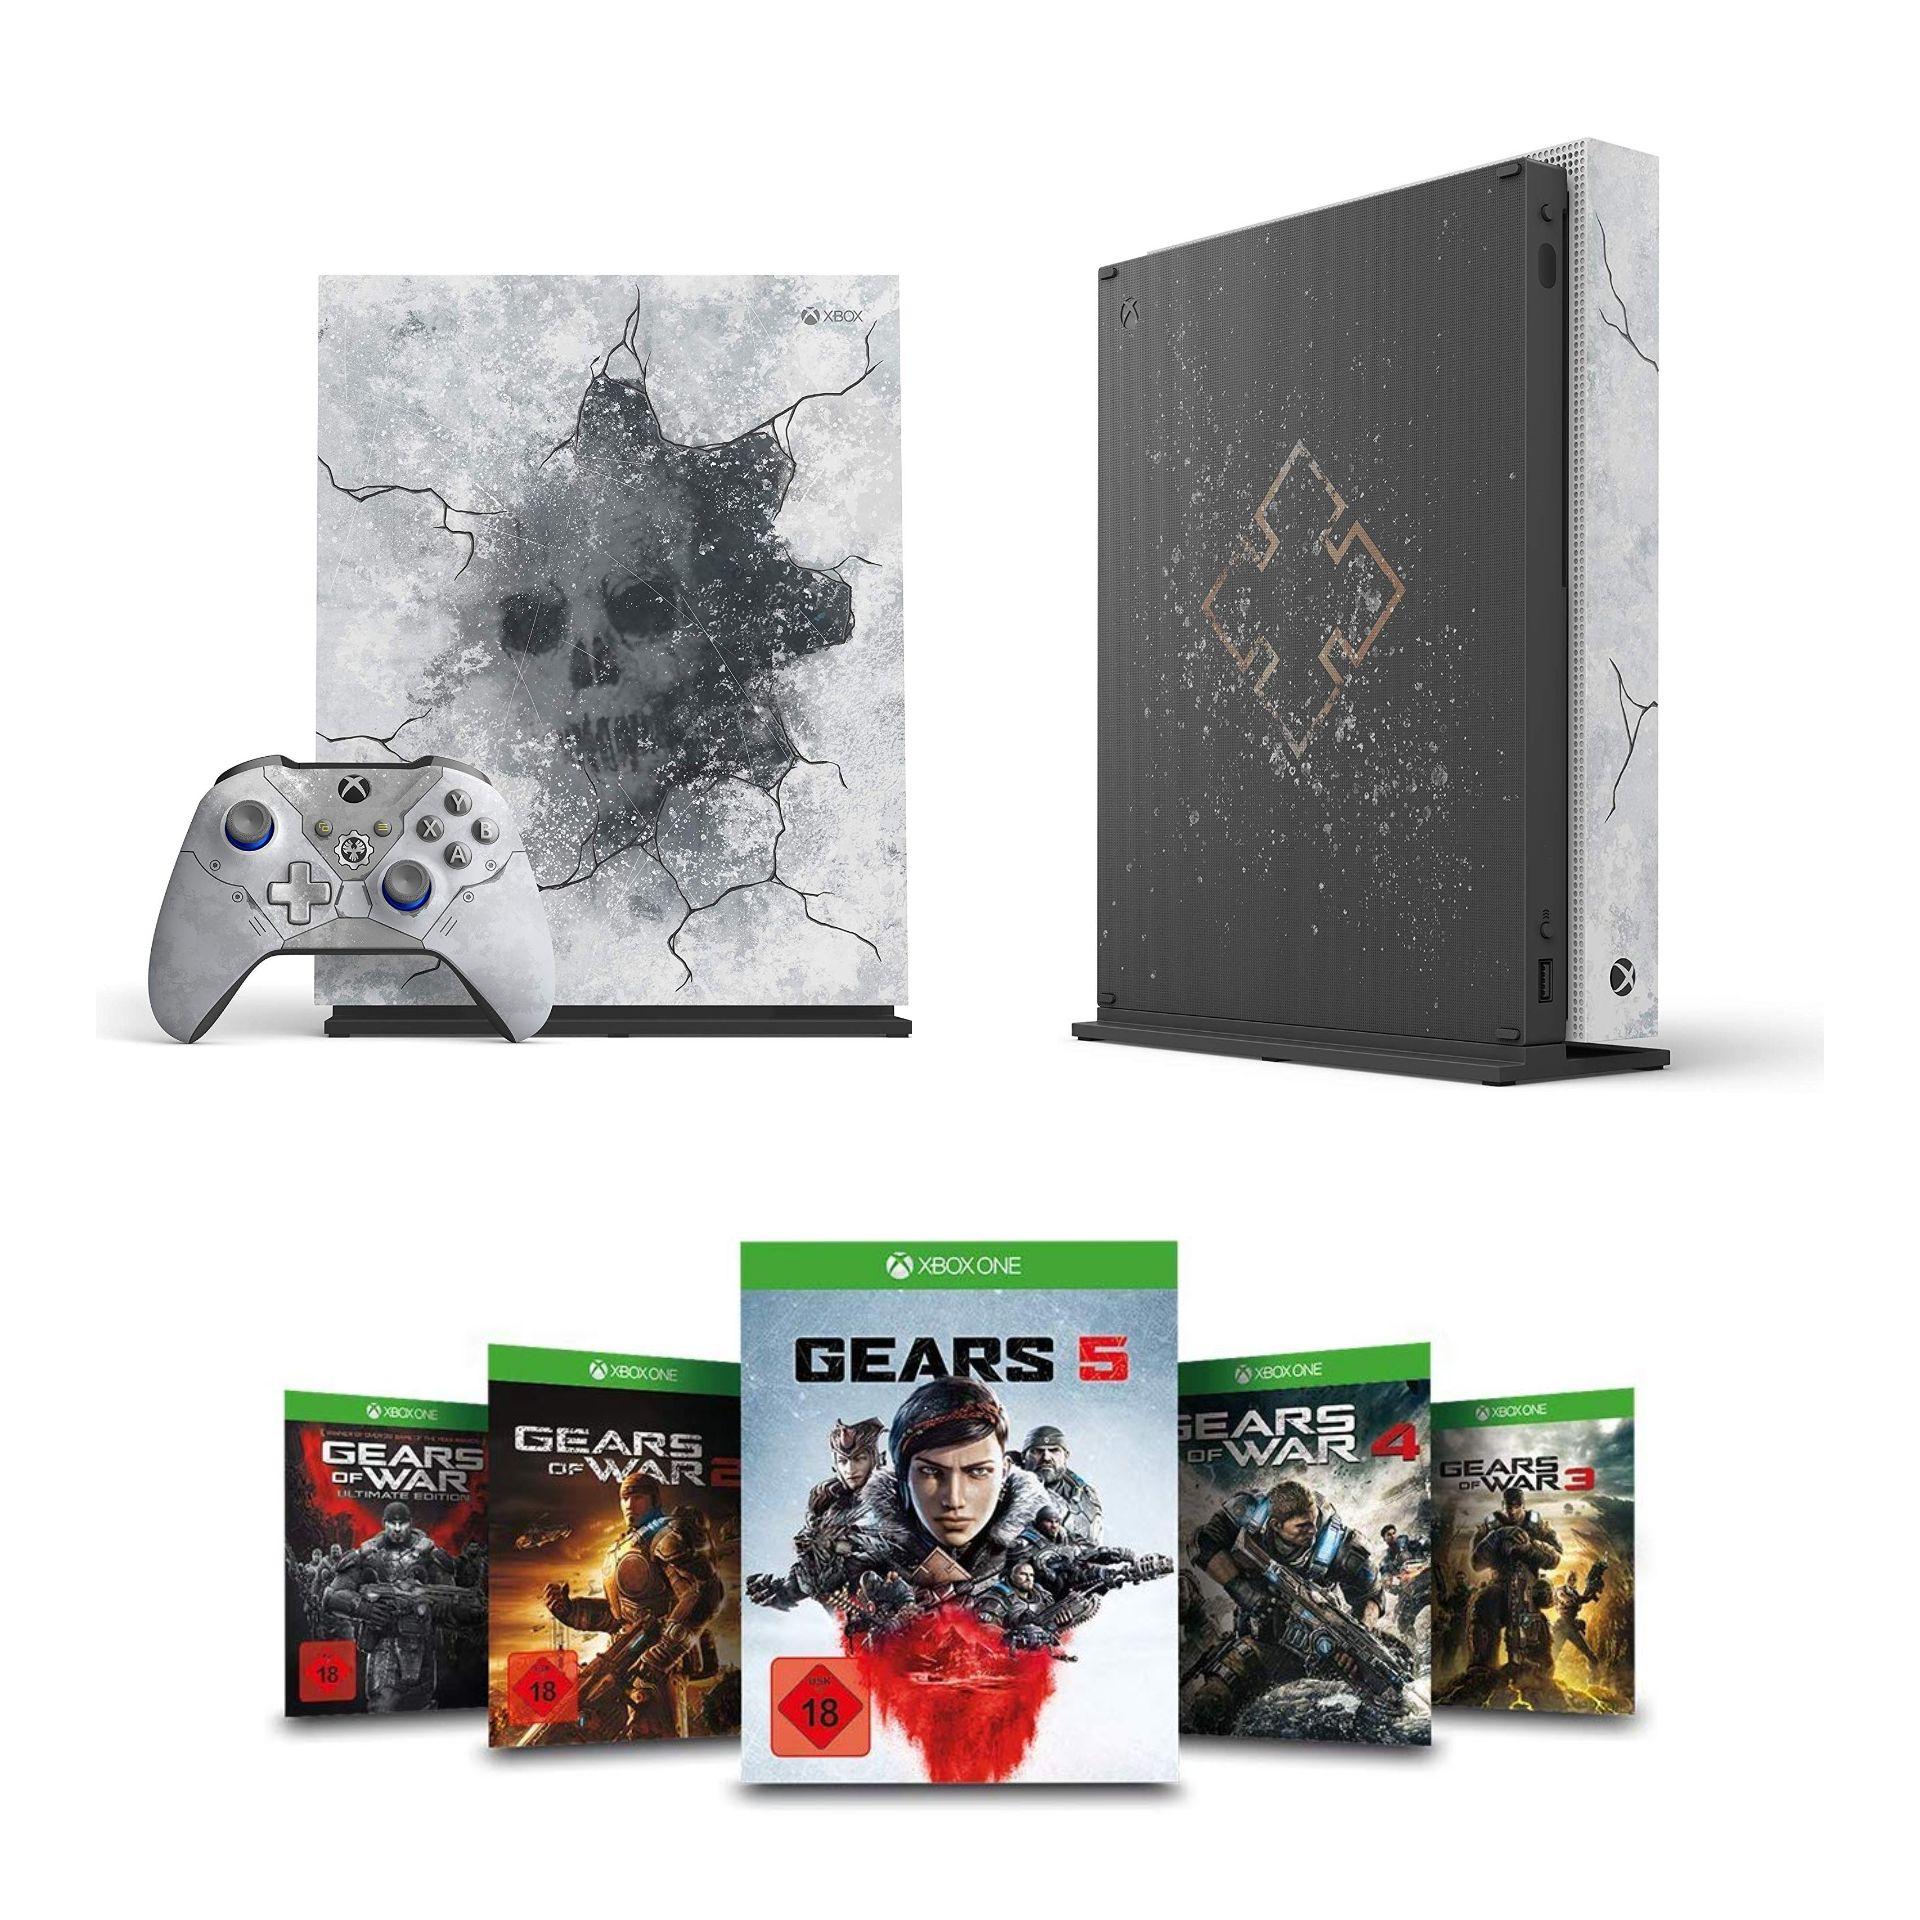 Xbox One X Edición limitada GOW5